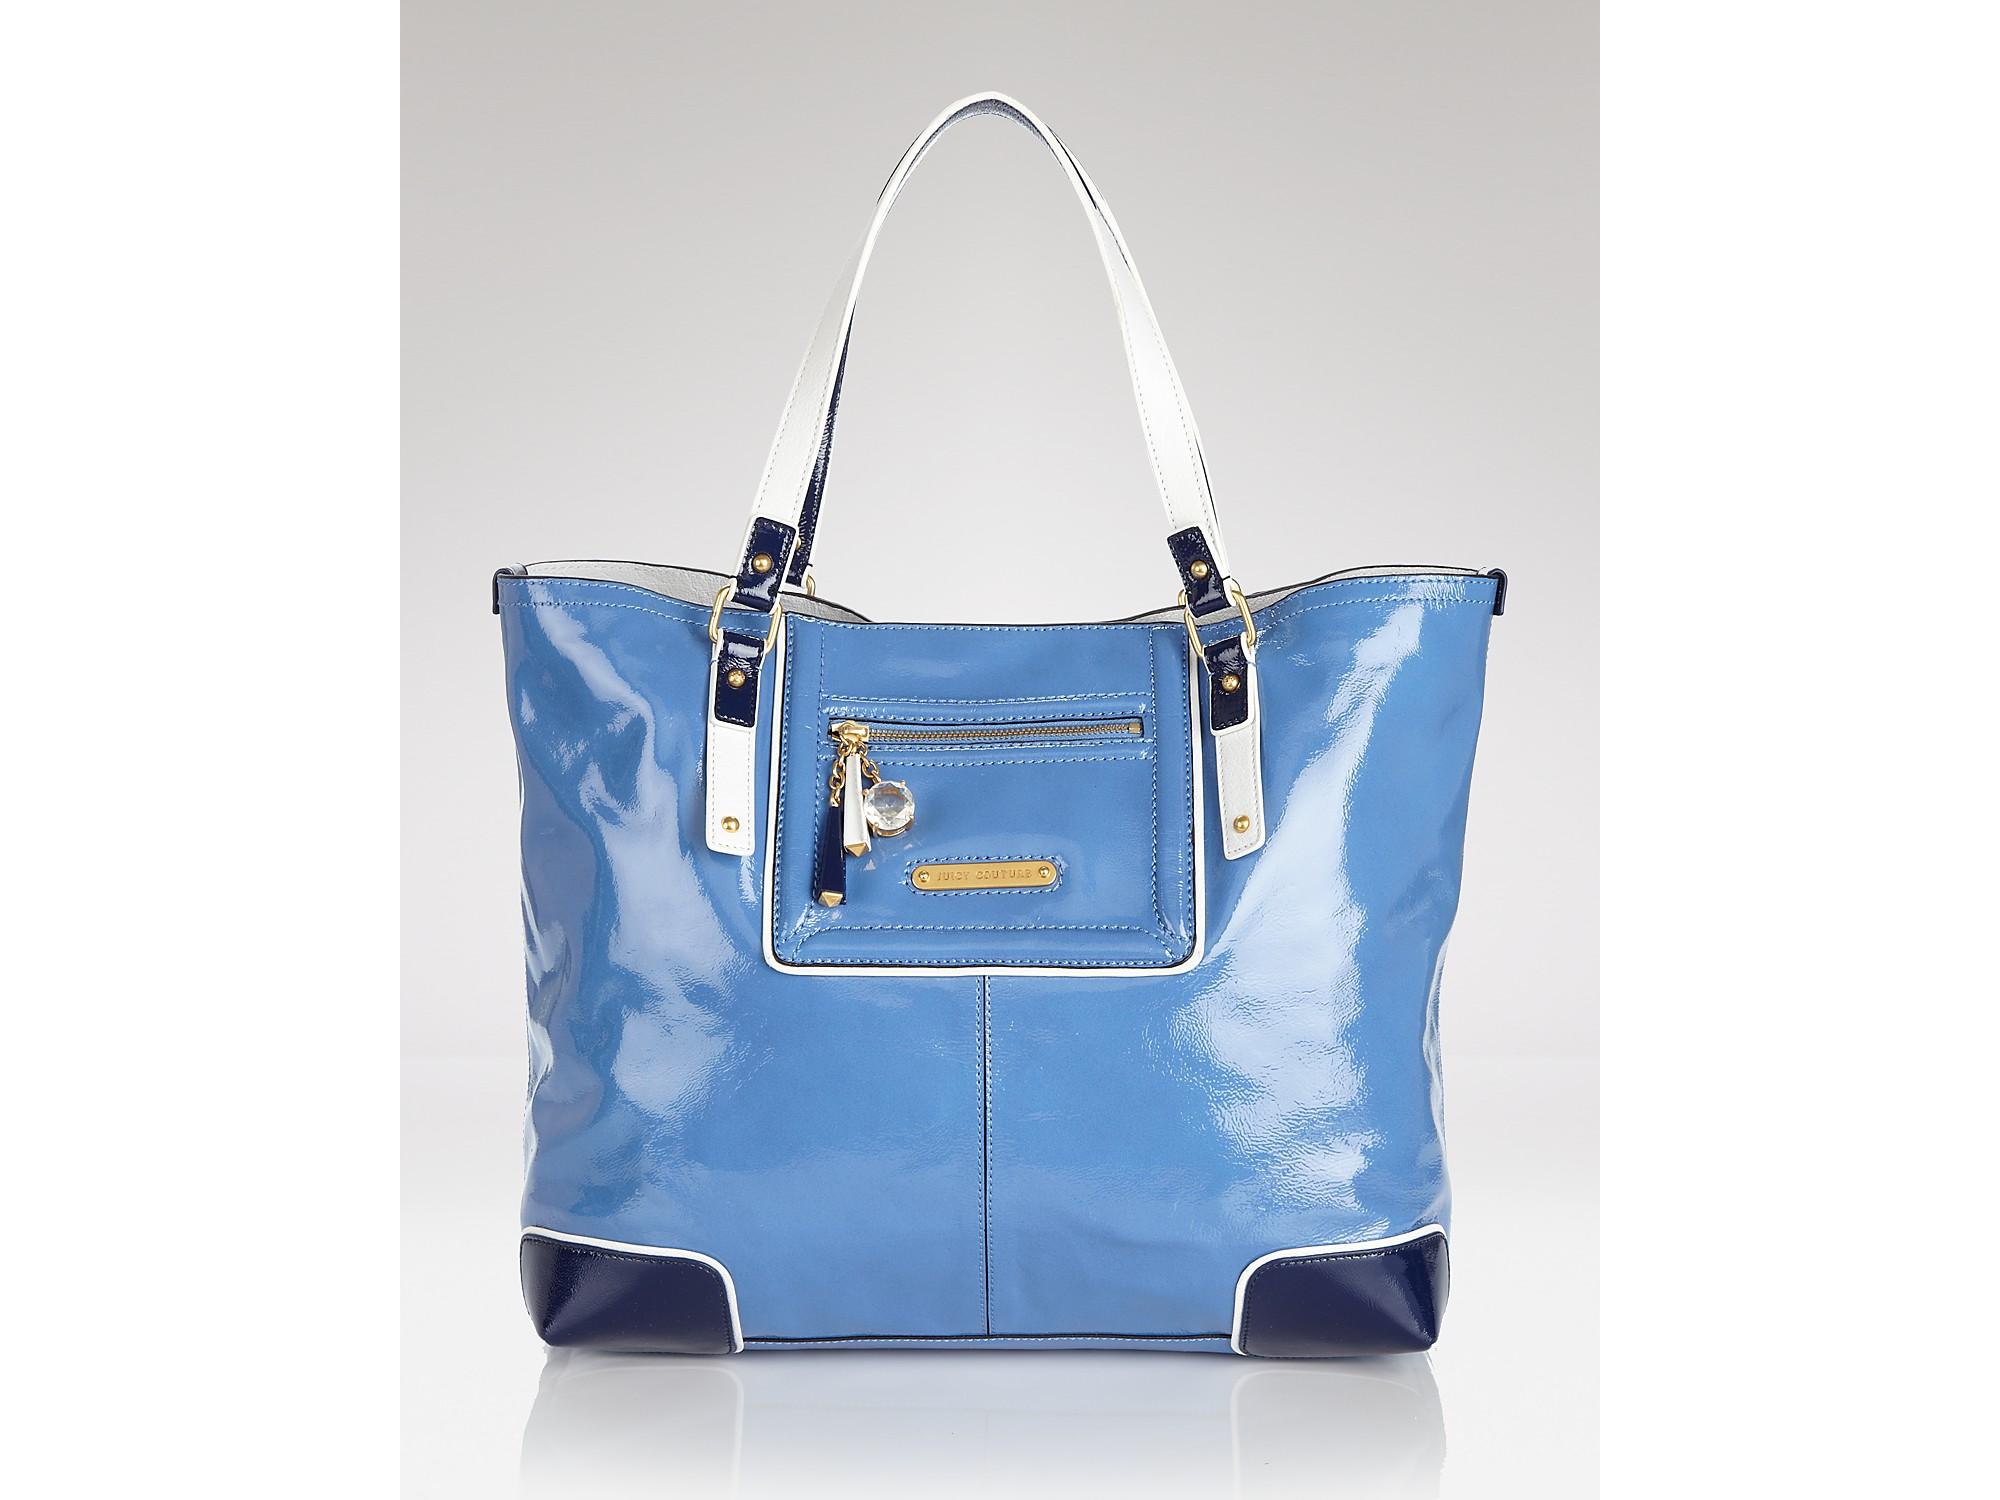 adac076fa3cbb7 Lyst - Juicy Couture Tote Miss Pippa in Blue